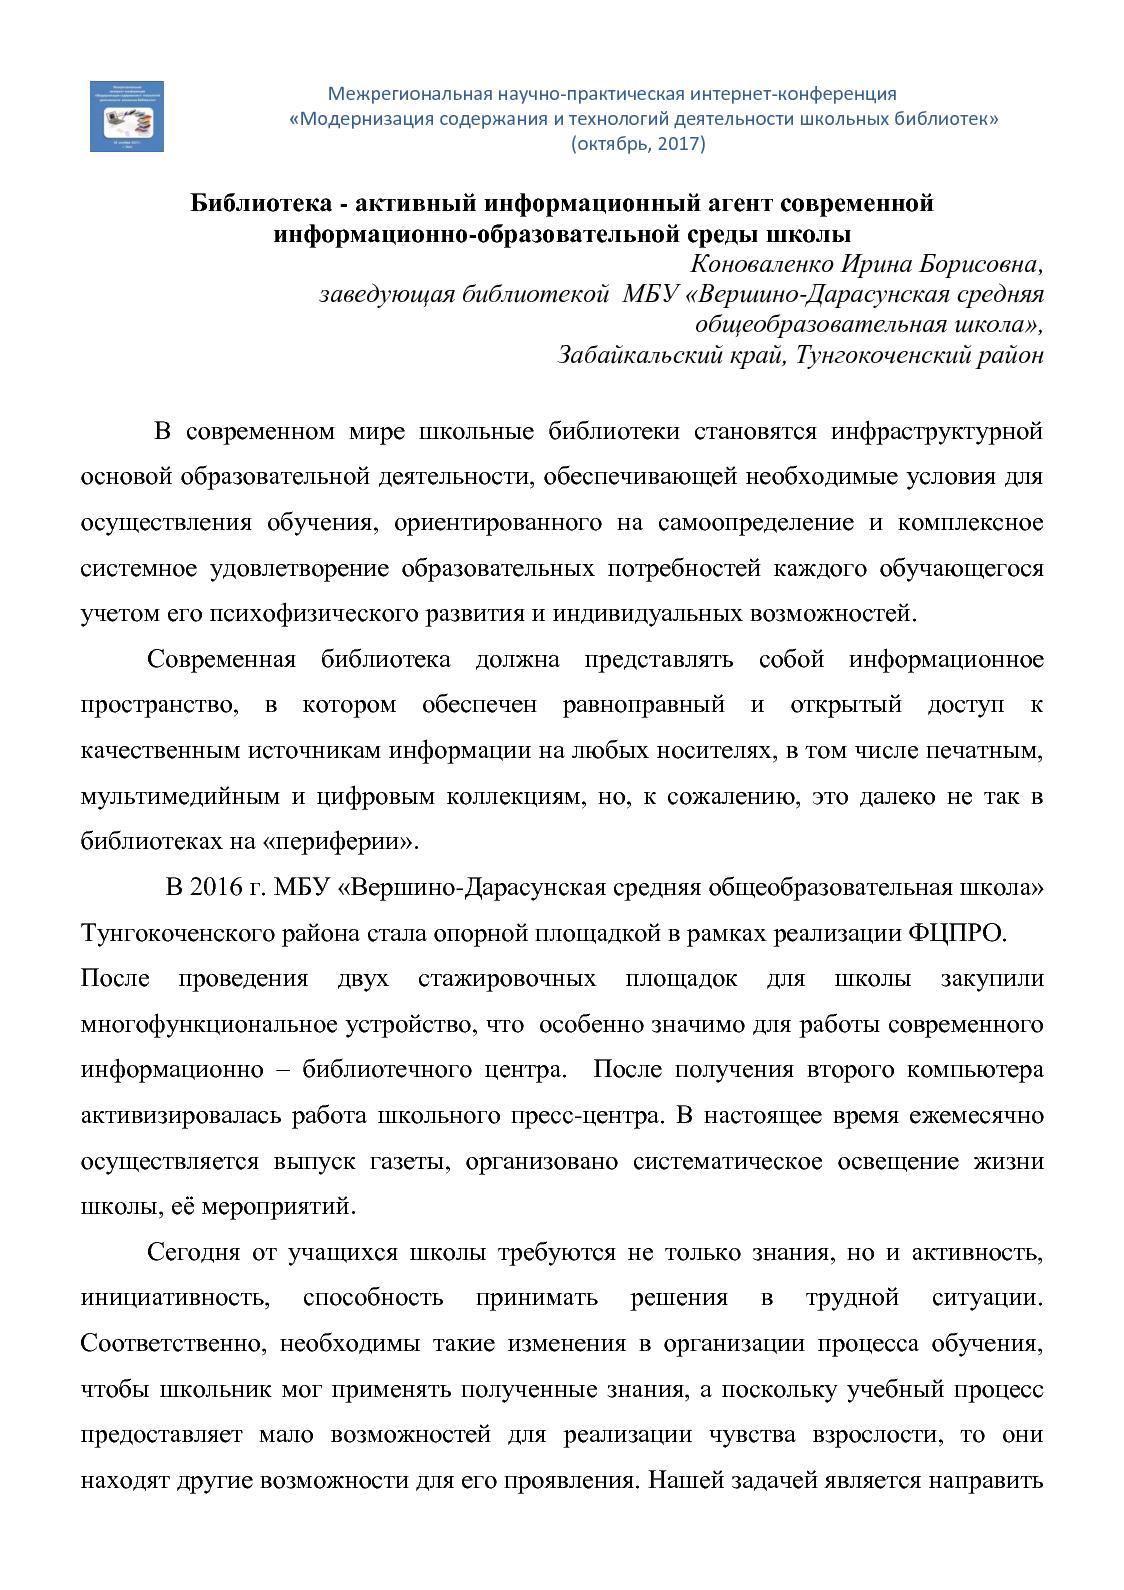 Calaméo   Коноваленко И. Б. Библиотека активный информационный агент